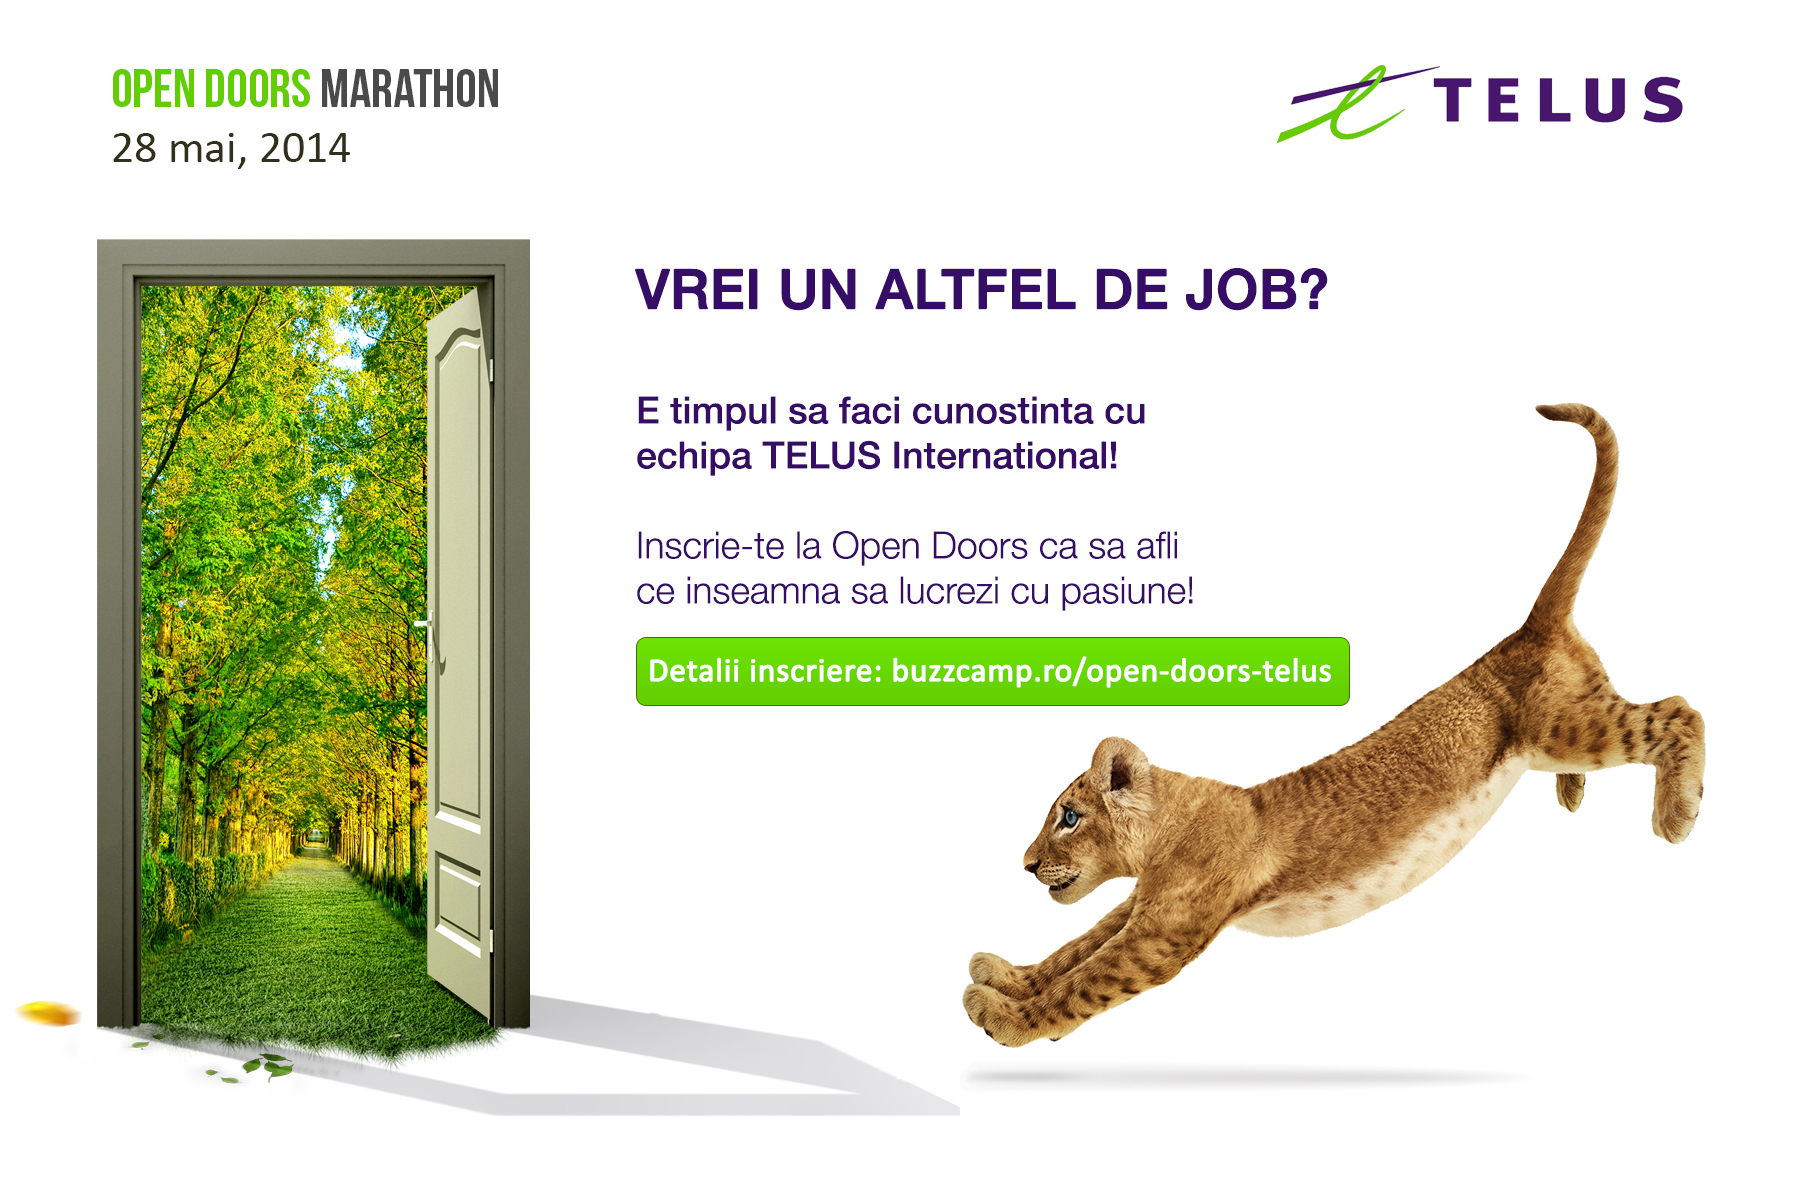 Vrei un ALTFEL de Job? E timpul să faci cunoștință cu echipa TELUS International!